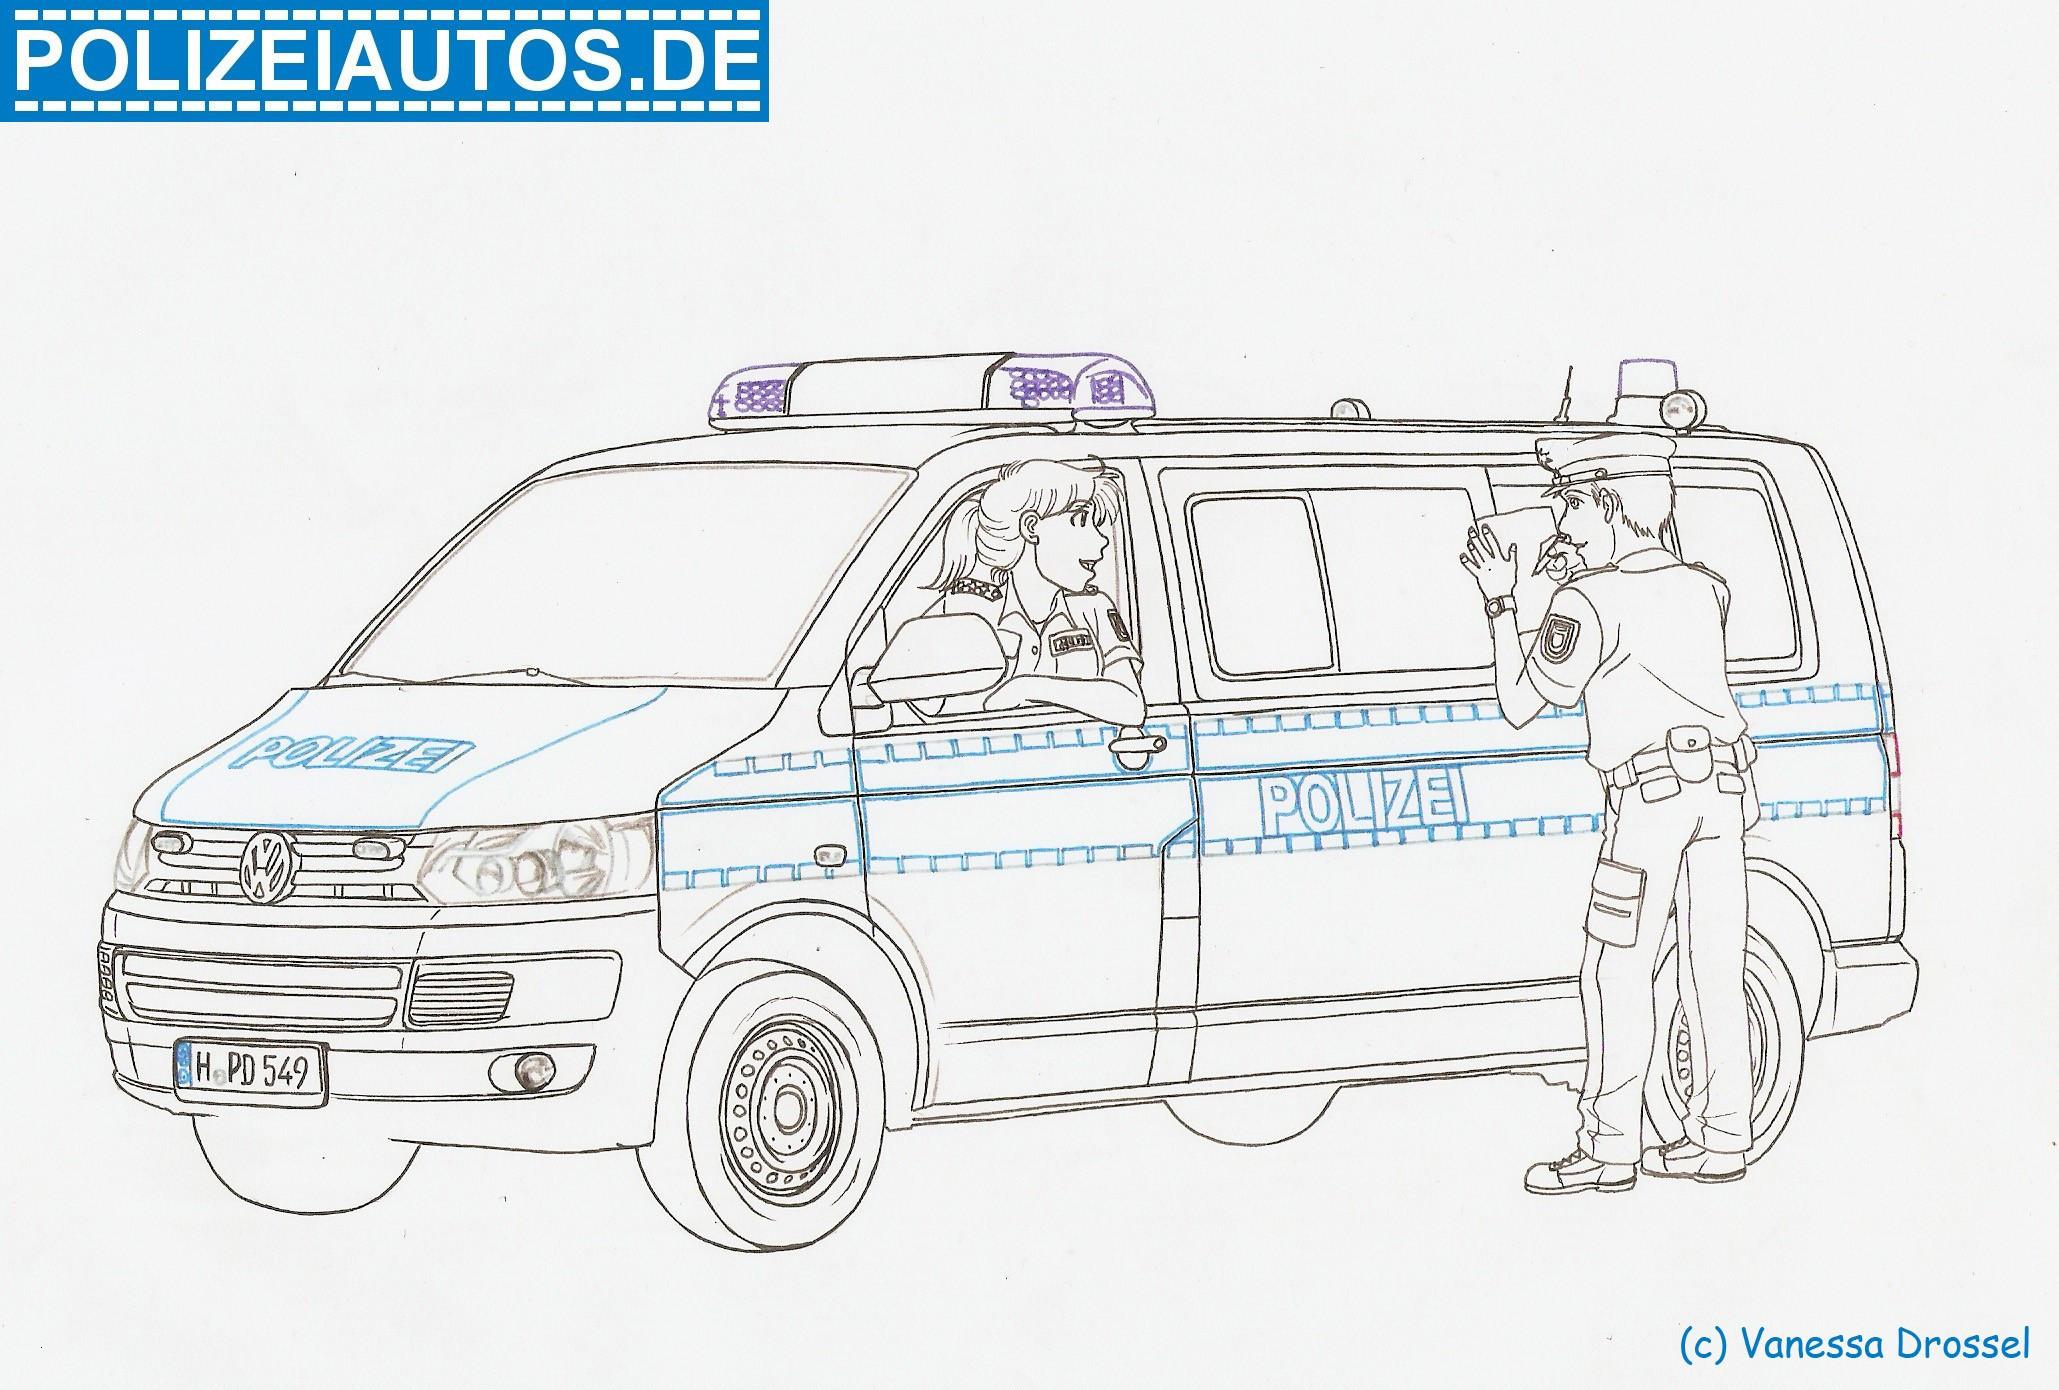 Playmobil Zum Ausmalen Frisch Playmobil Ausmalbilder Kostenlos Einzigartig ford Mustang Galerie